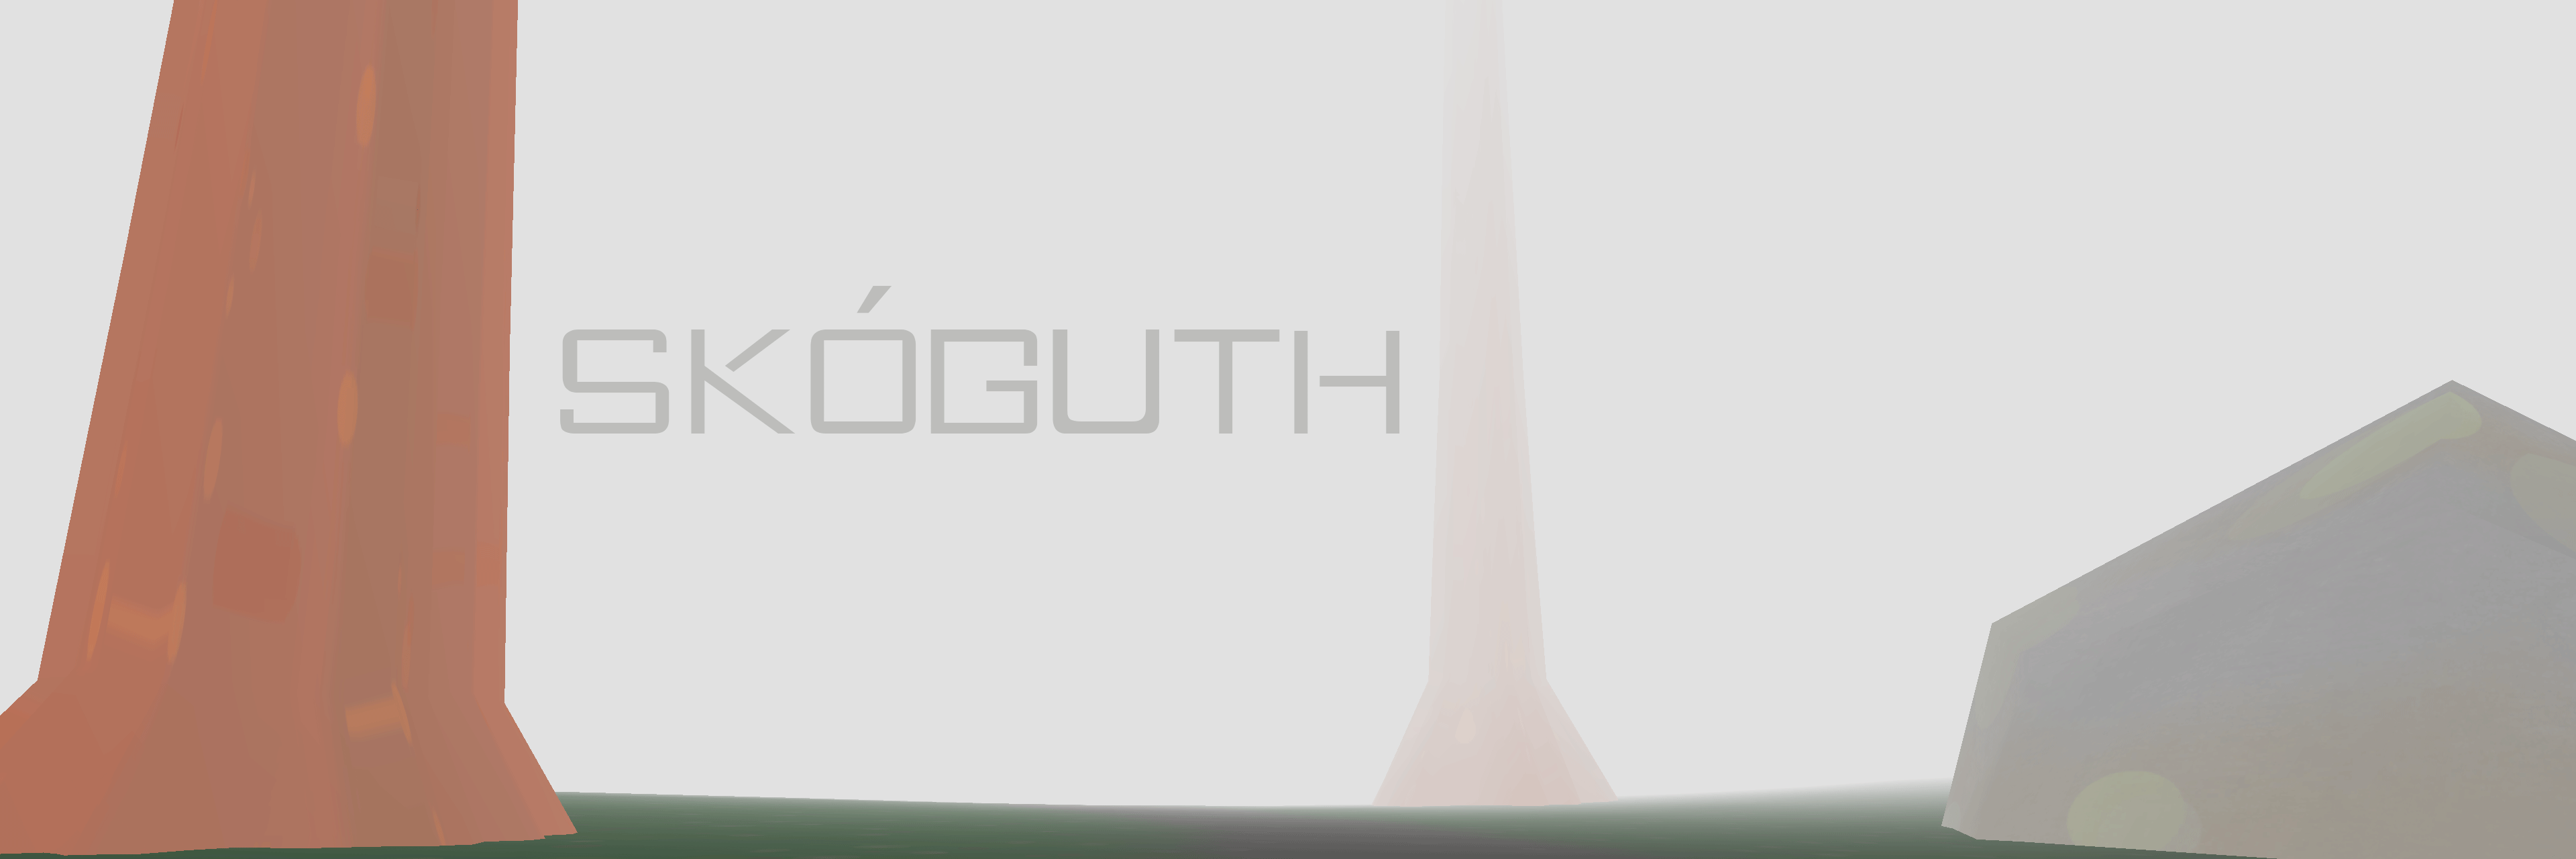 SKÓGUTH